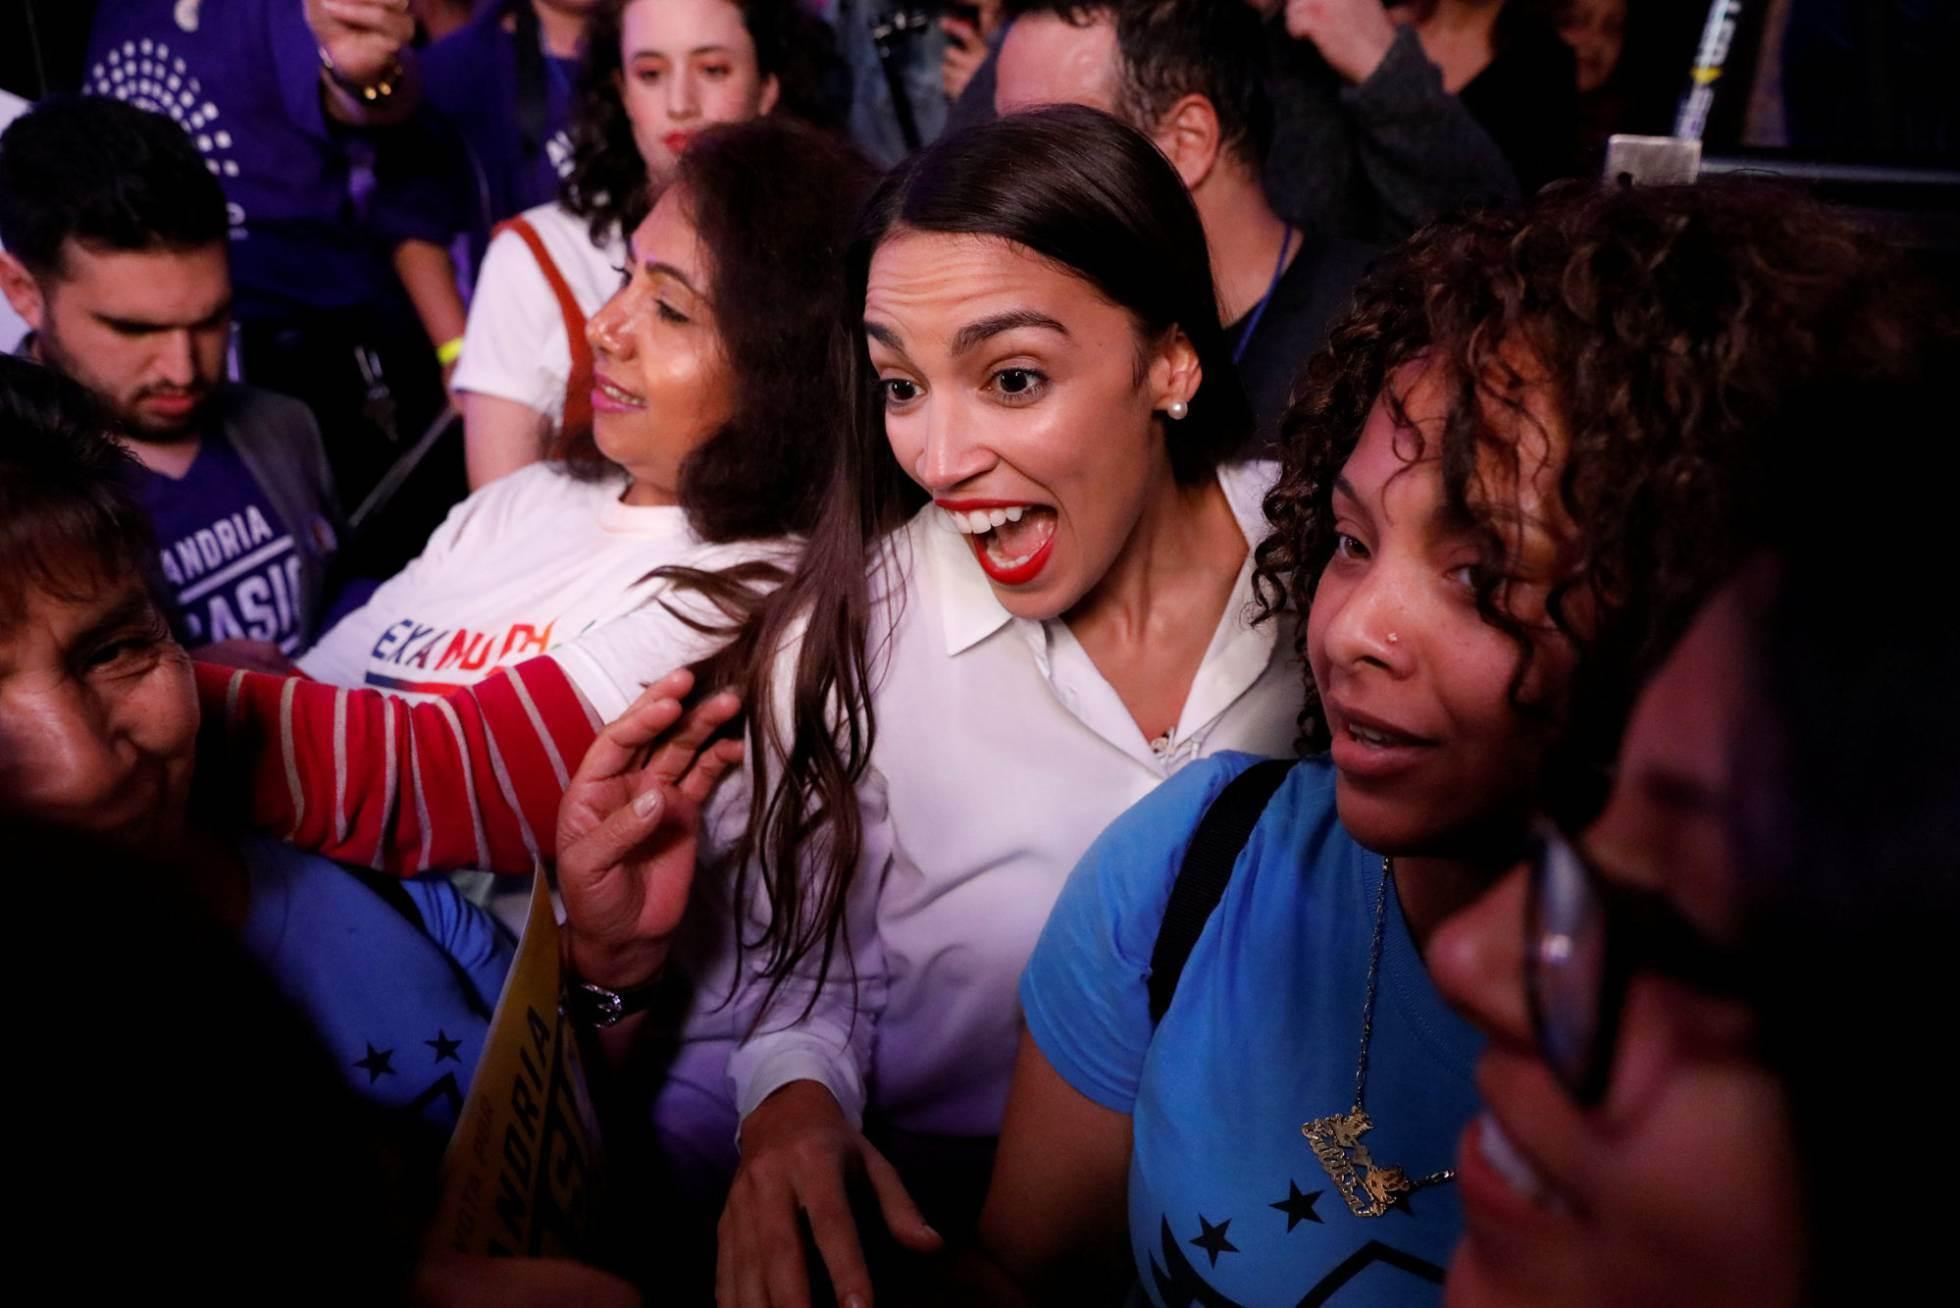 1 La candidata demócrata Alexandria Ocasio-Cortez celebra la victoria de su candidatura a la Cámara de Representantes en Nueva York, el 6 de noviembre de 2018.